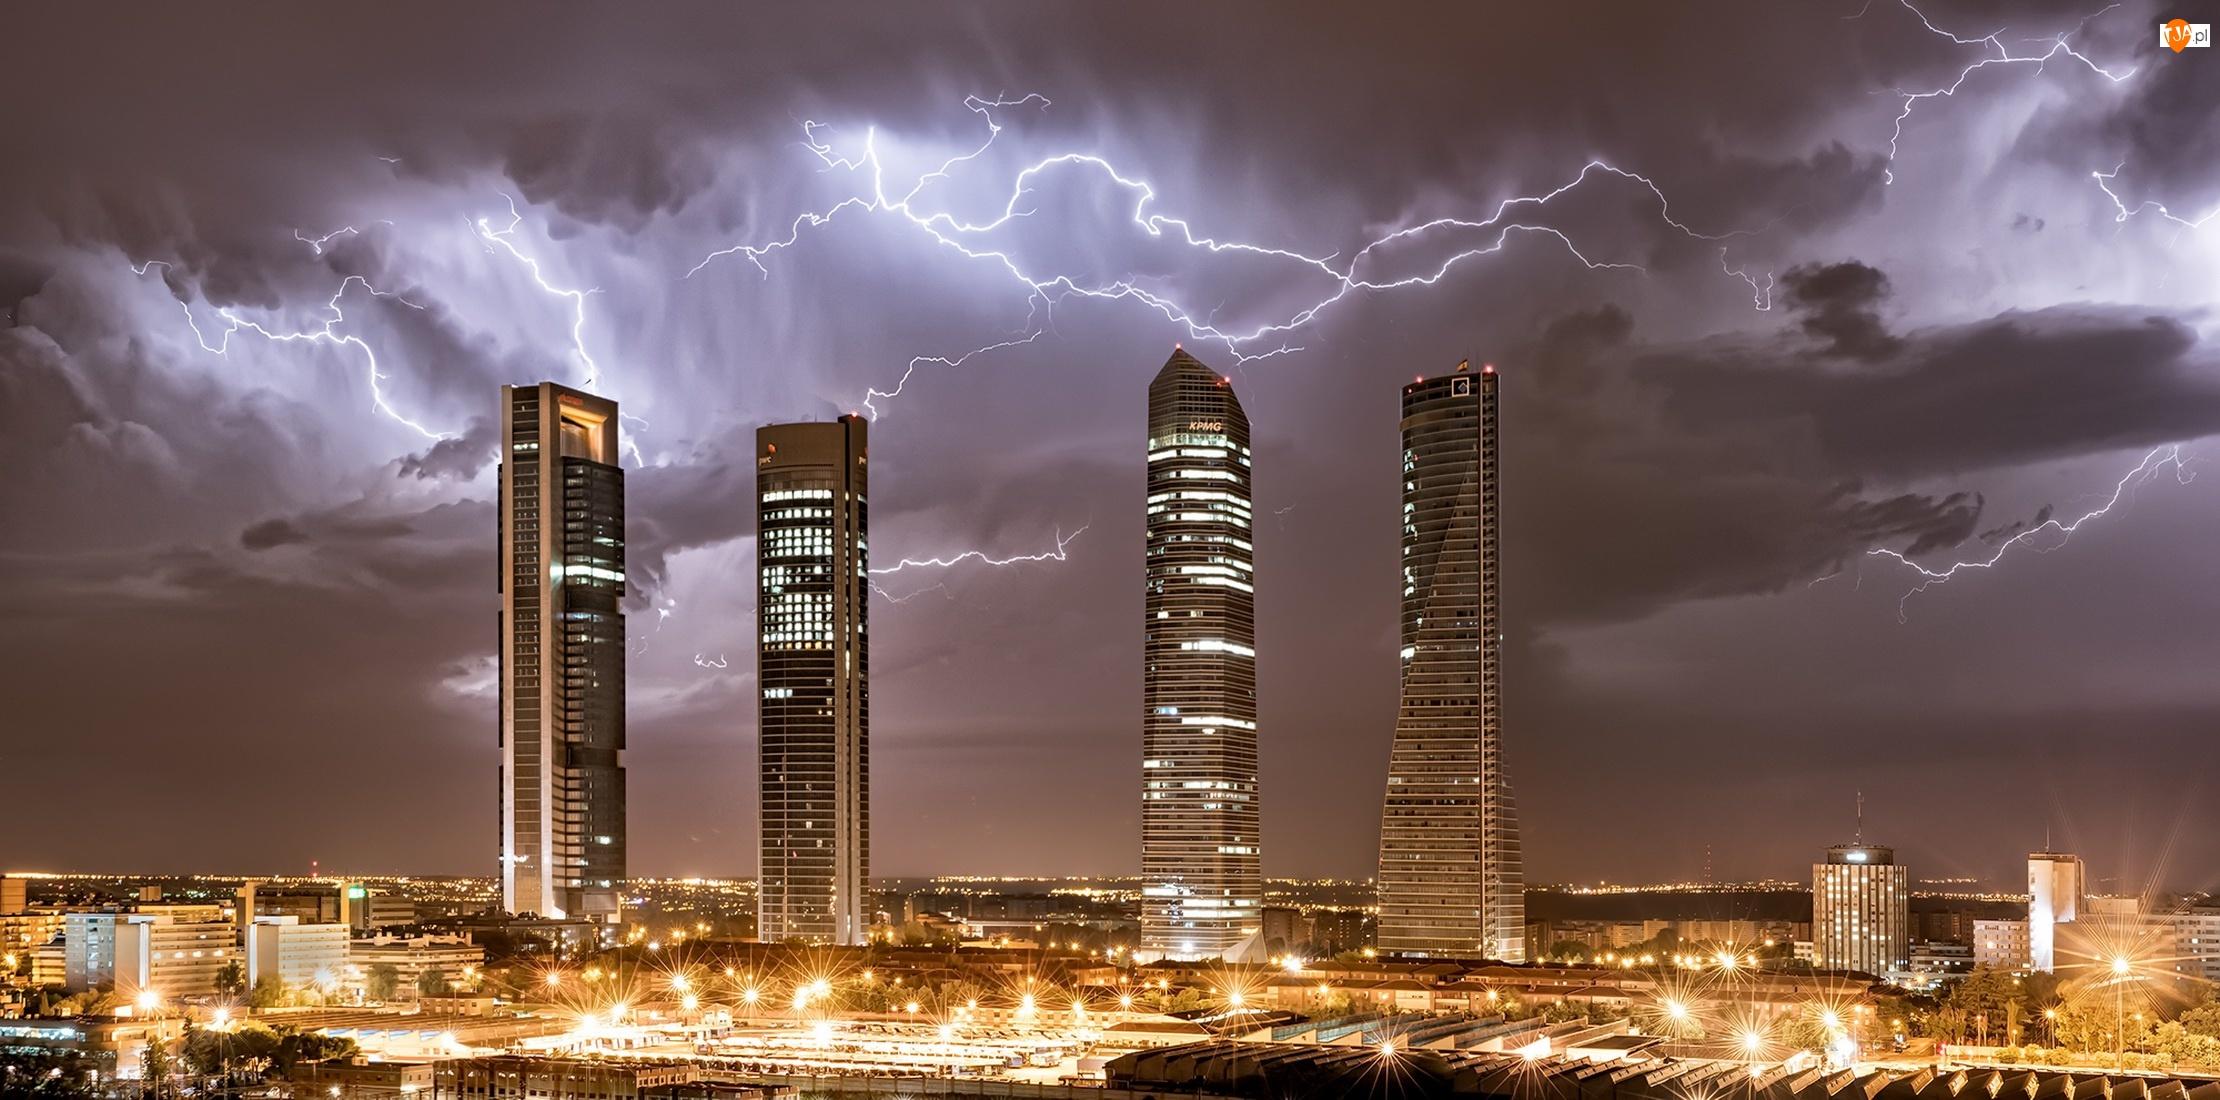 Wieżowce, Pioruny, Madryt, Hiszpania, Światła, Central Business District, Burza